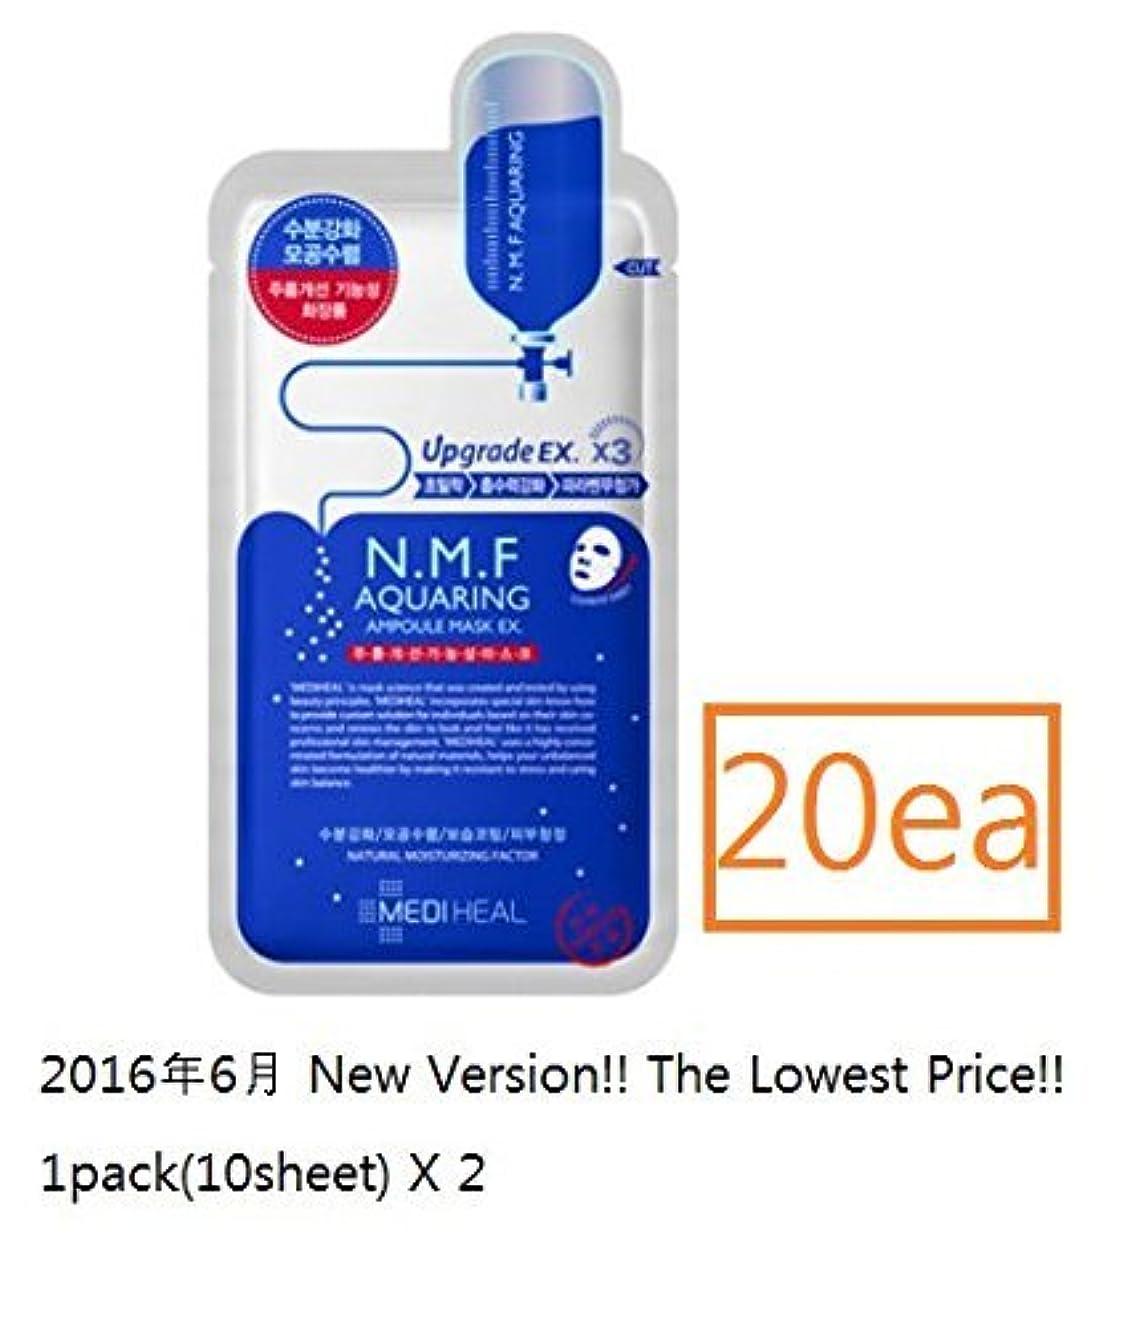 ジュラシックパーク重々しいクリームMediheal メディヒール N.M.F アクアリング アンプル?マスクパック 10枚入り*2 (Aquaring Ampoule Essential Mask Pack 1box(10sheet)*2 [並行輸入品]